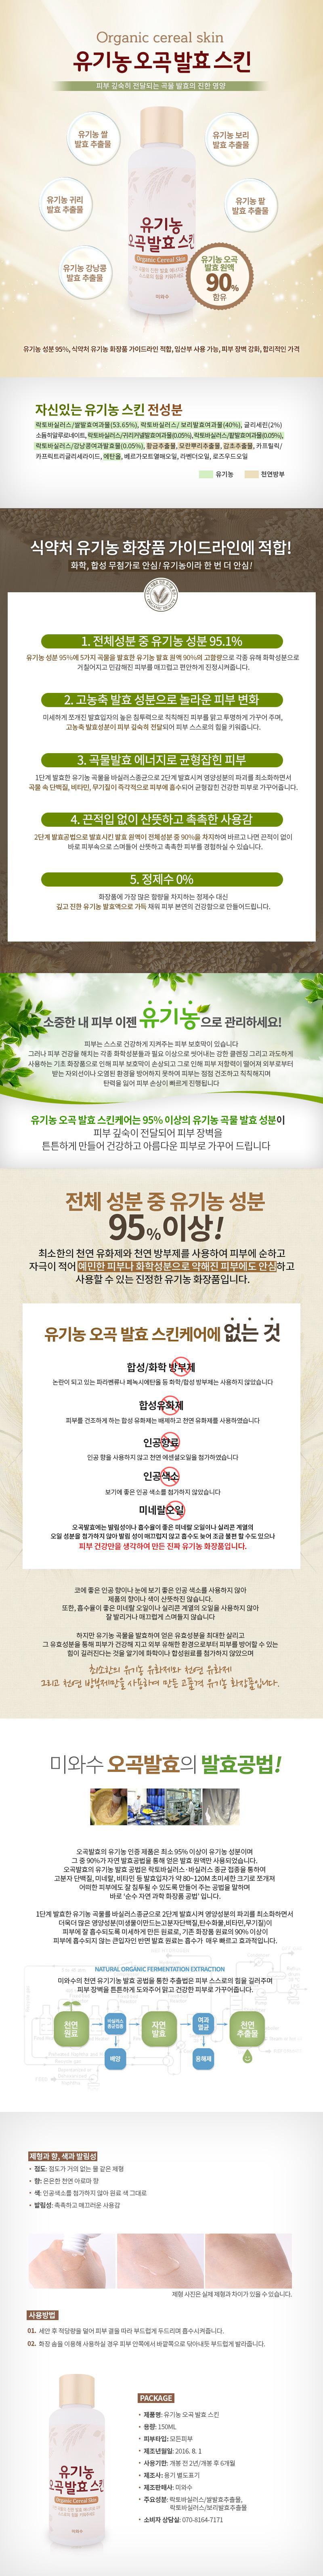 미와수오곡2 제조일 수정.jpg